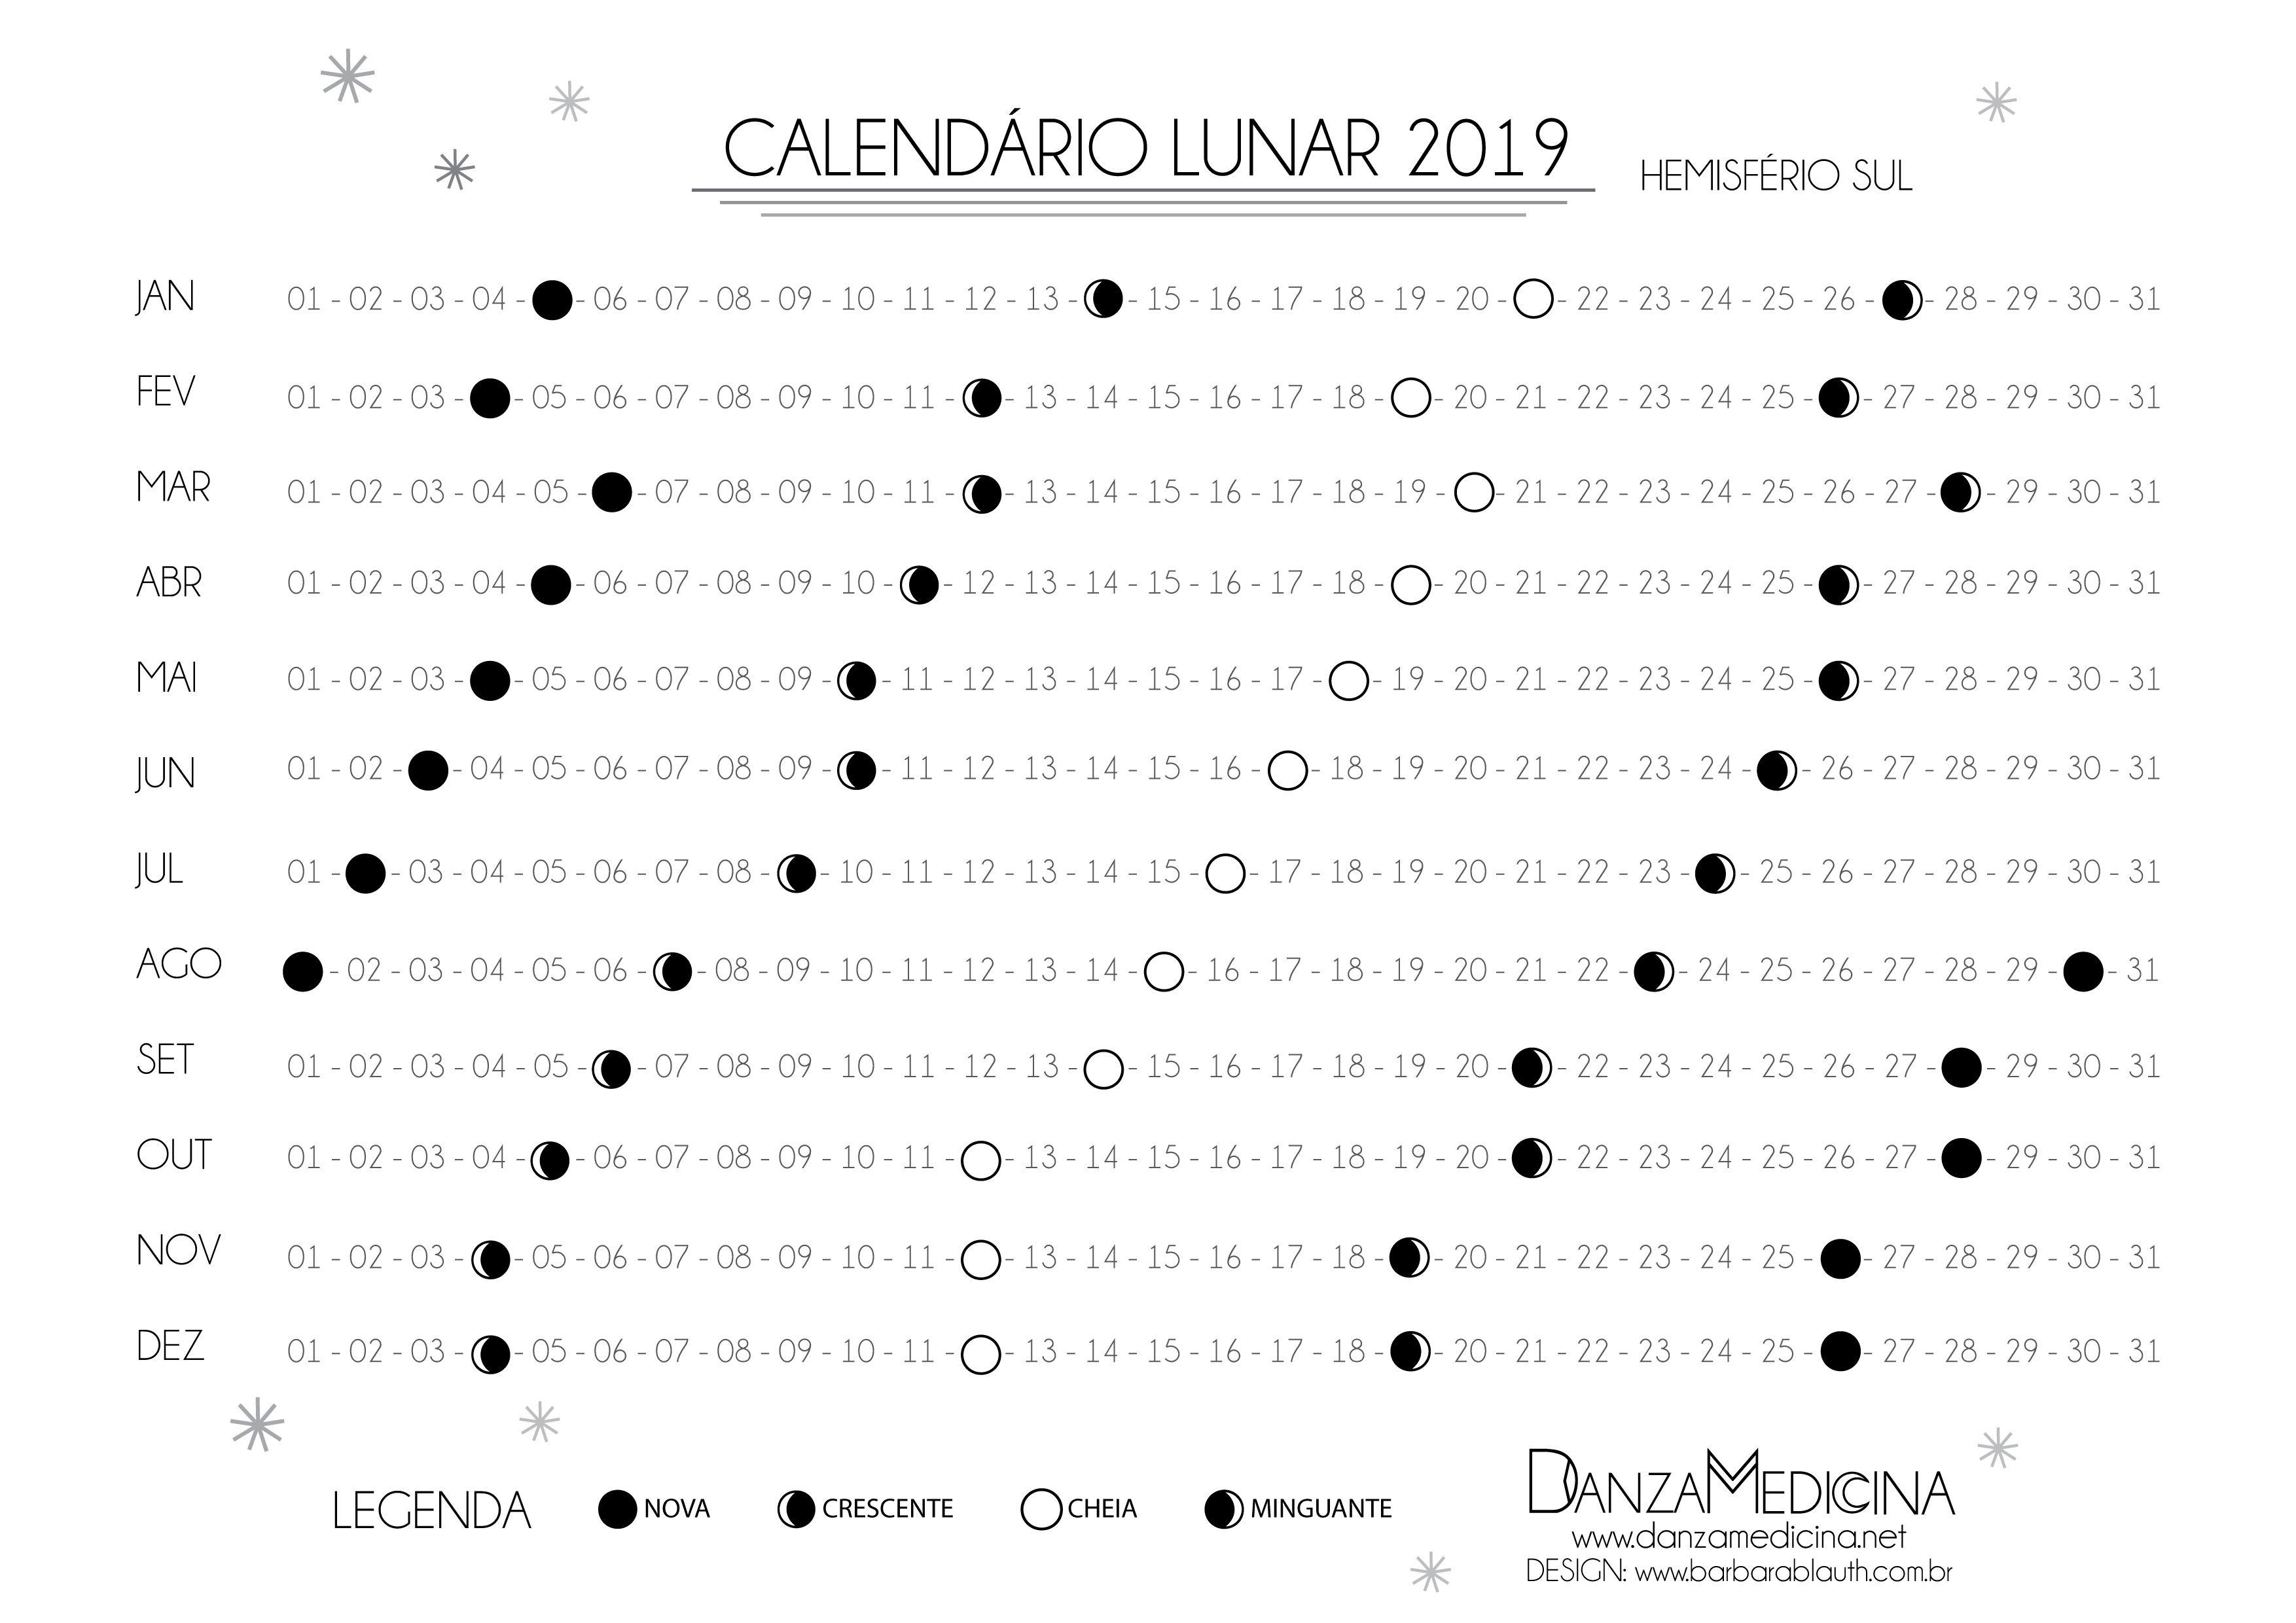 Calendario Lunar 2019 Danzamedicina Calendario Lunar Astrologia Ideias Para Cadernos